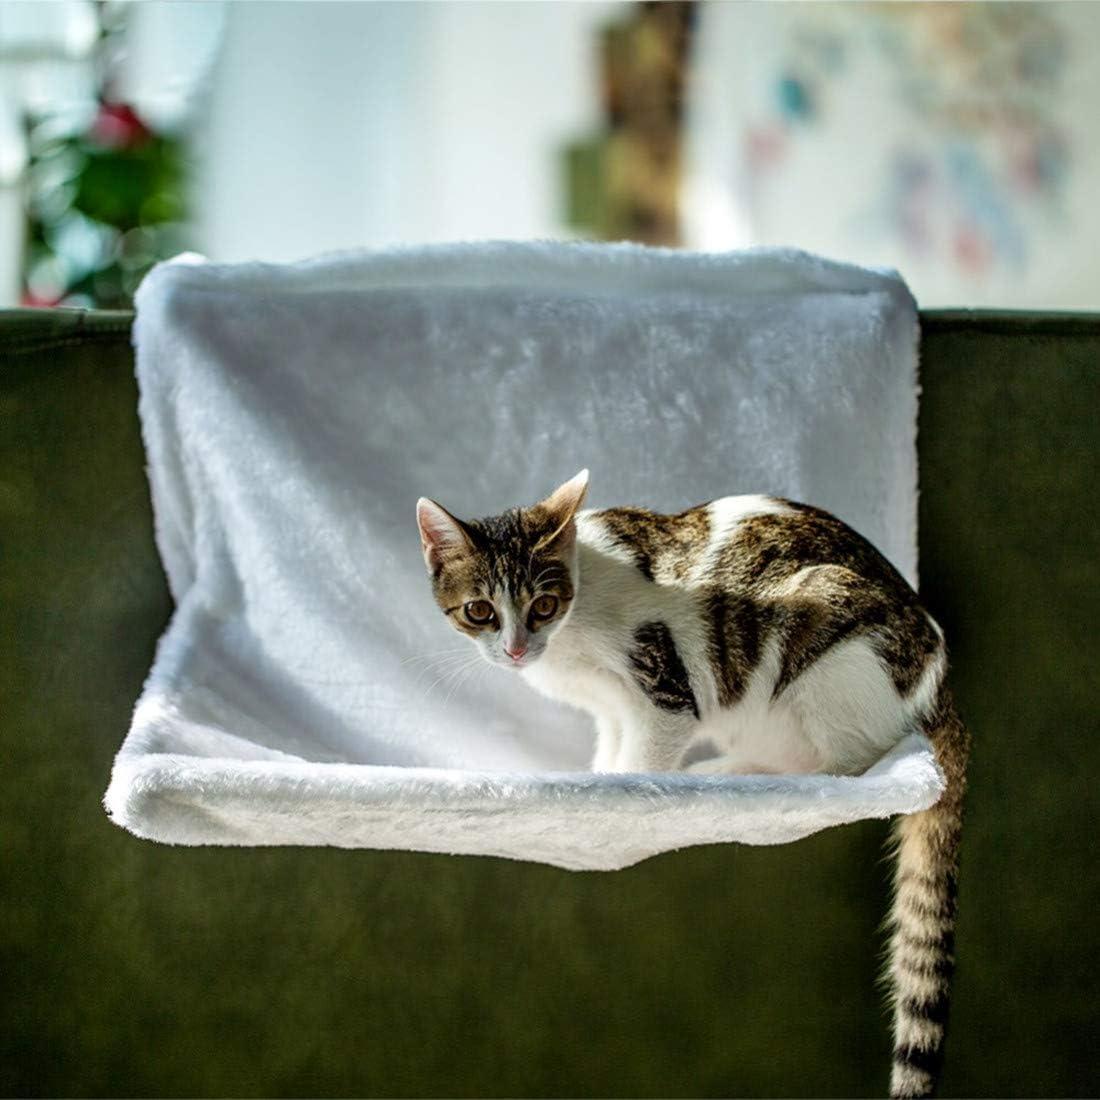 VICTORIE Cama Gato Radiador Hamaca Peluche para Perros Animales Pequeños Cachorros: Amazon.es: Productos para mascotas